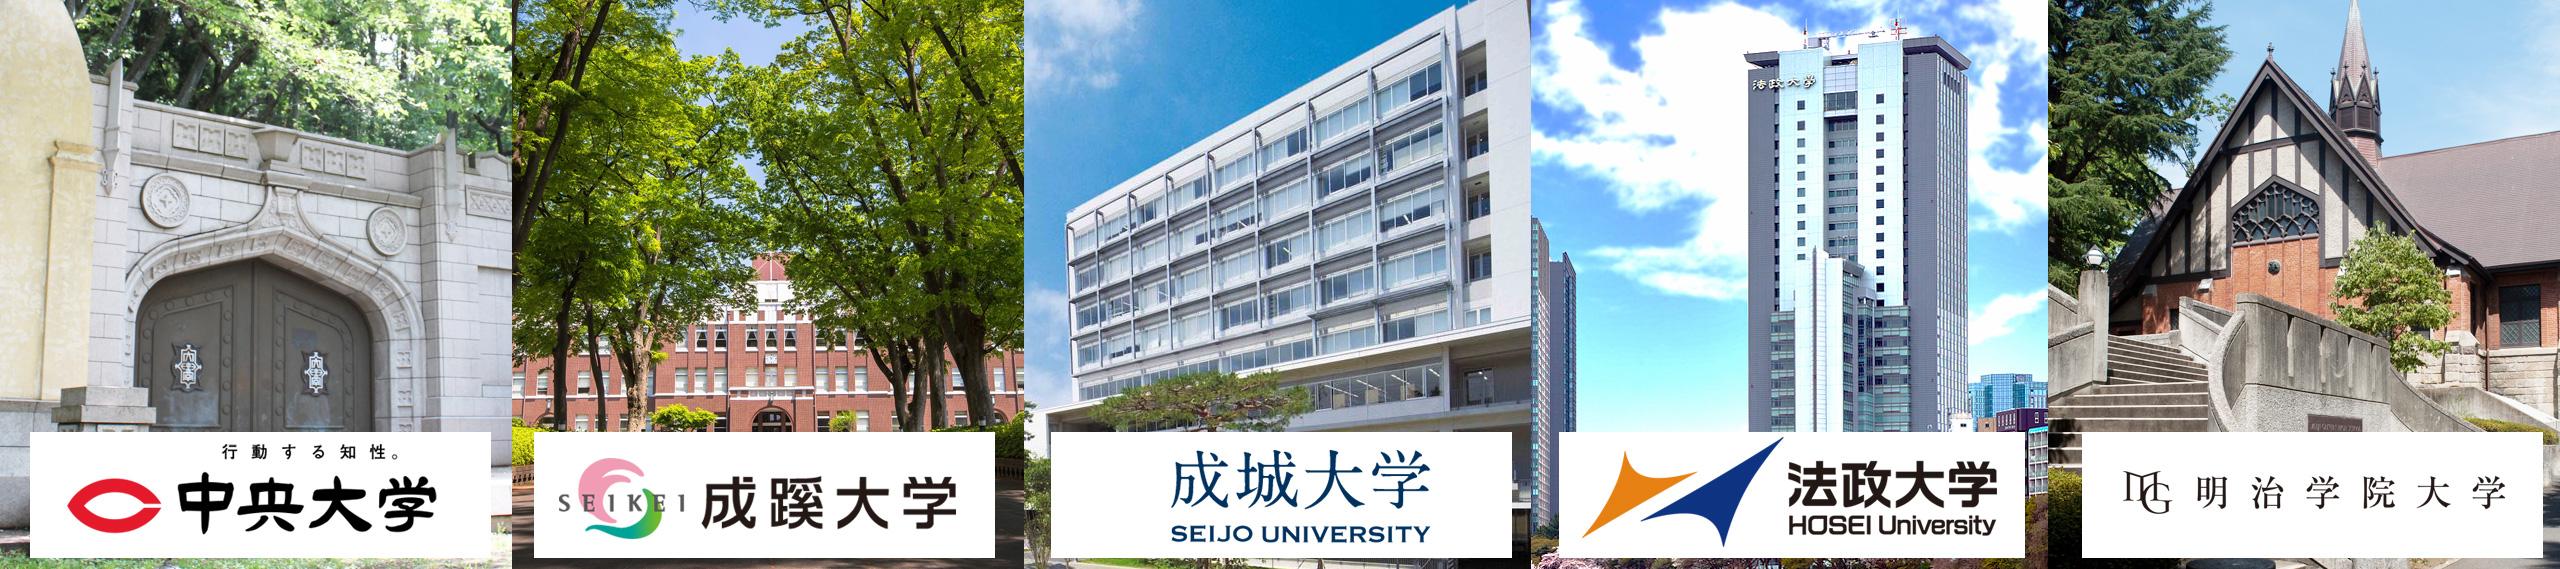 《福岡で受験できる首都圏私立大学<br>合同入試説明会》お申込みフォーム